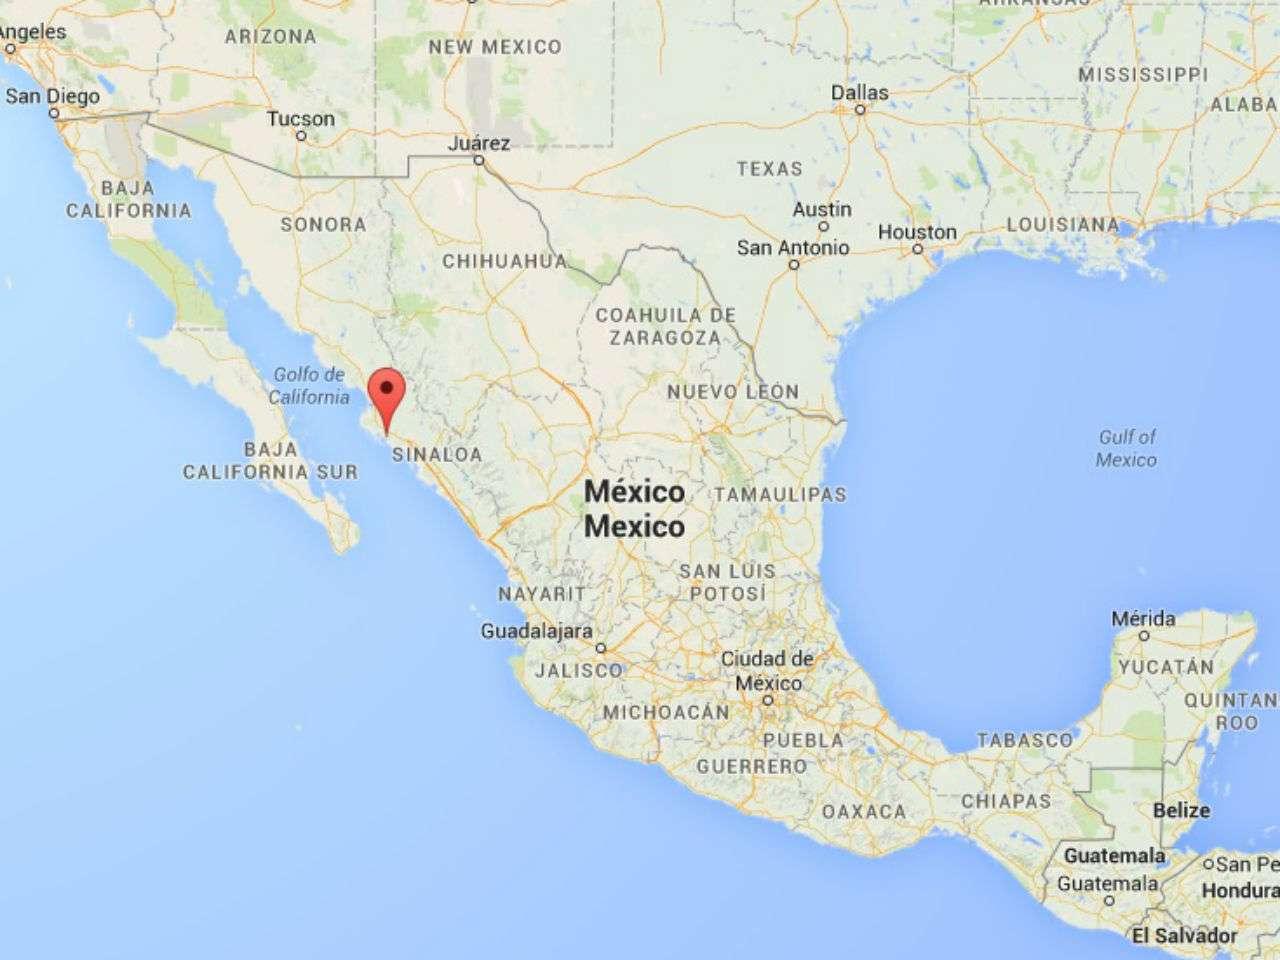 El cadáver fue hallado en el municipio de Ahome, estado de Sinaloa. La Asociación de Periodistas de Los Mochis exigió el esclarecimiento del crimen. Foto: Google Maps